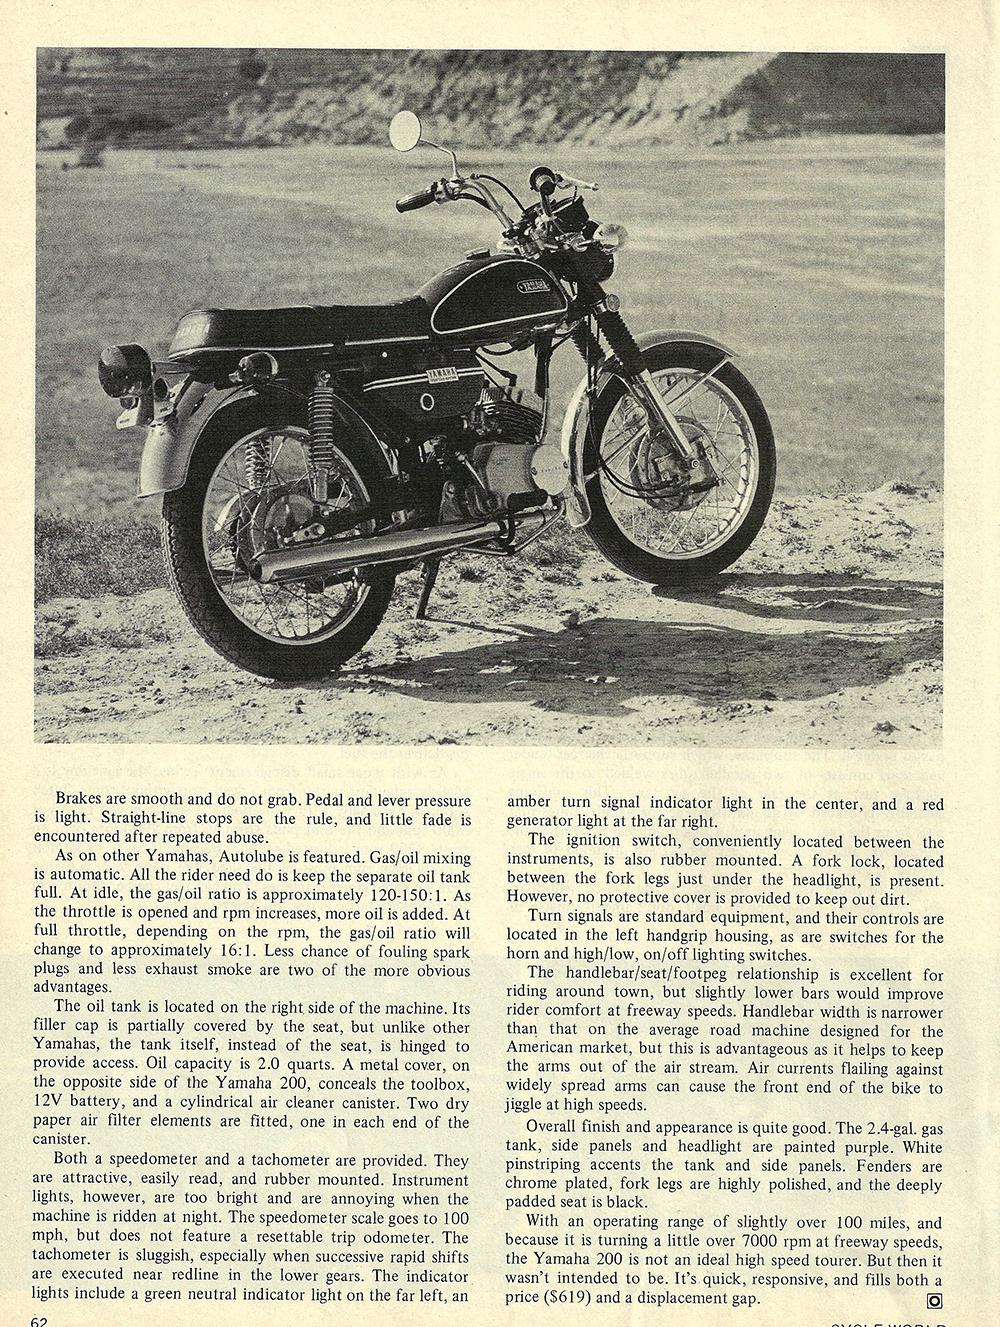 1971 Yamaha 200 CS3B road test 03.jpg